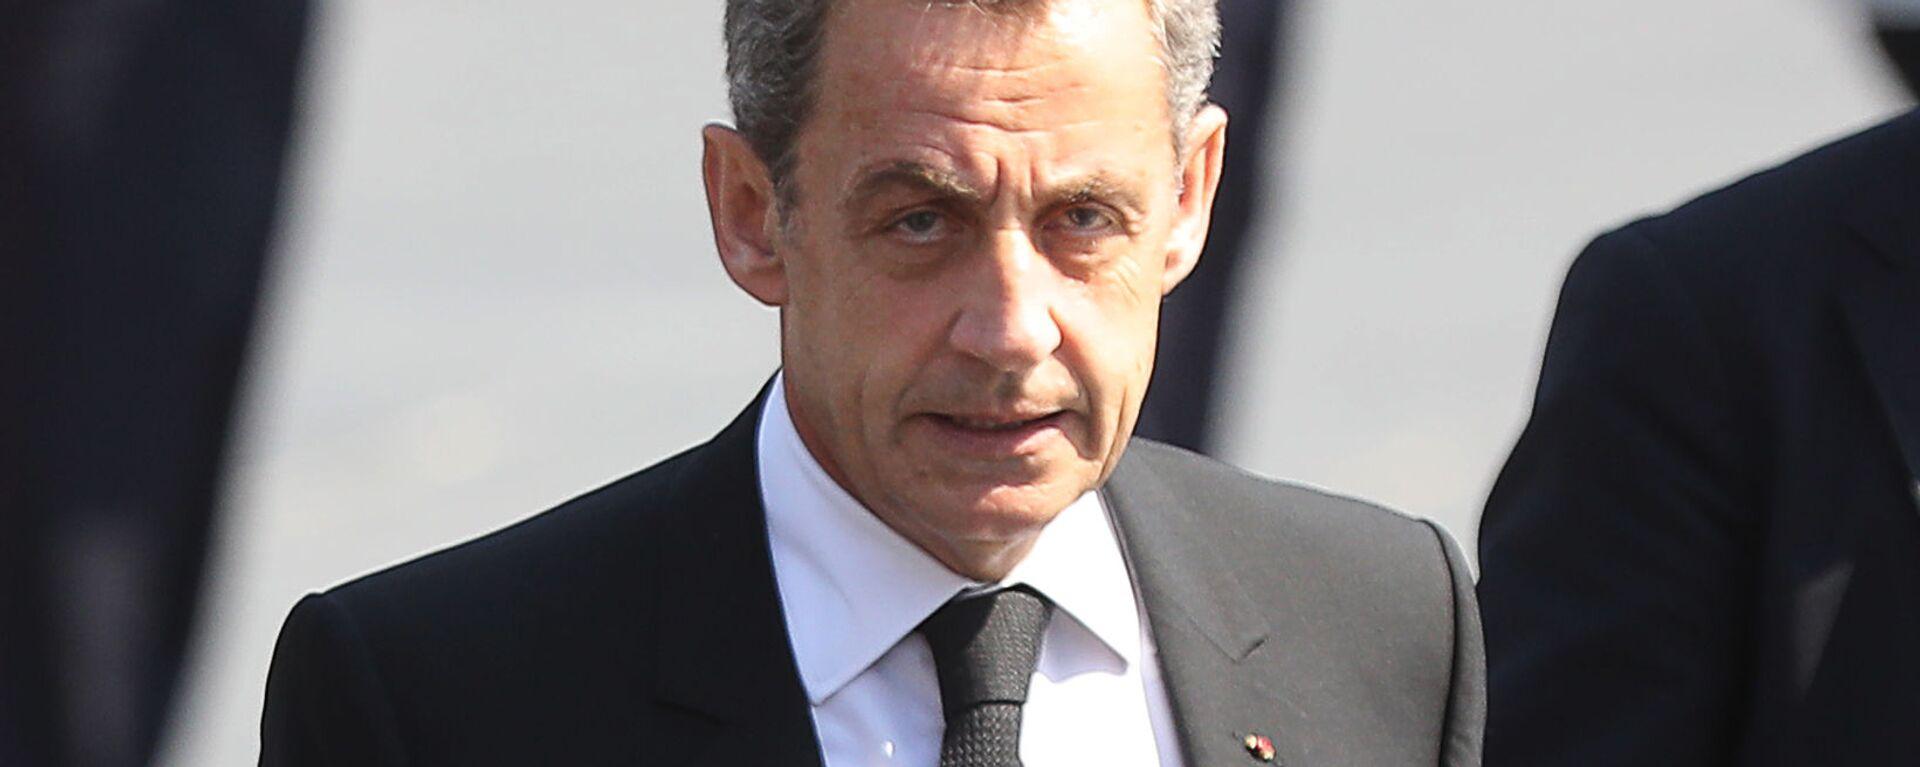 Bývalý francouzský prezident Nicolas Sarkozy. Ilustrační foto - Sputnik Česká republika, 1920, 11.04.2018